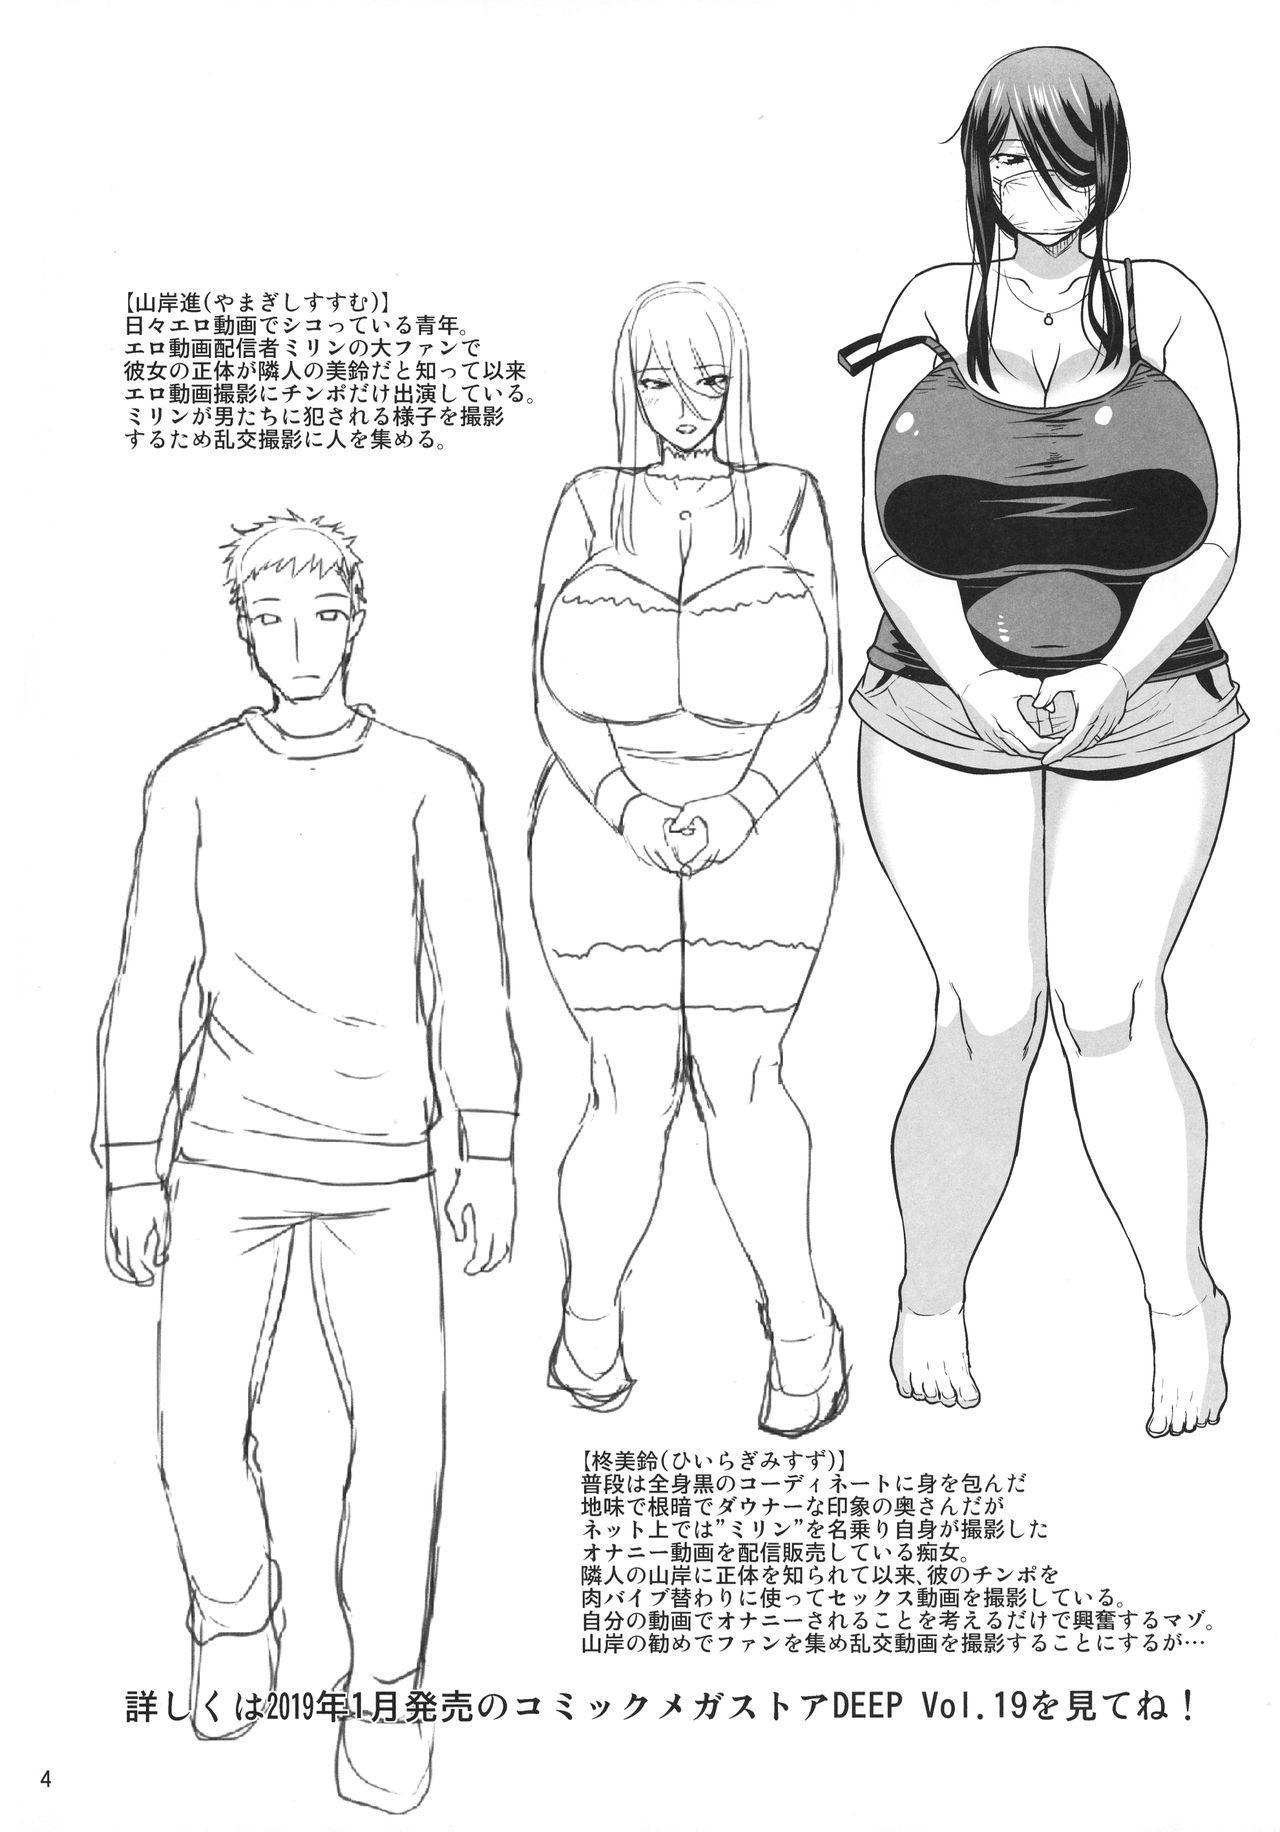 Ero Douga Haishin ga Shumi no Okusan no Namahame Rankou Koukai Mazo Benki 3